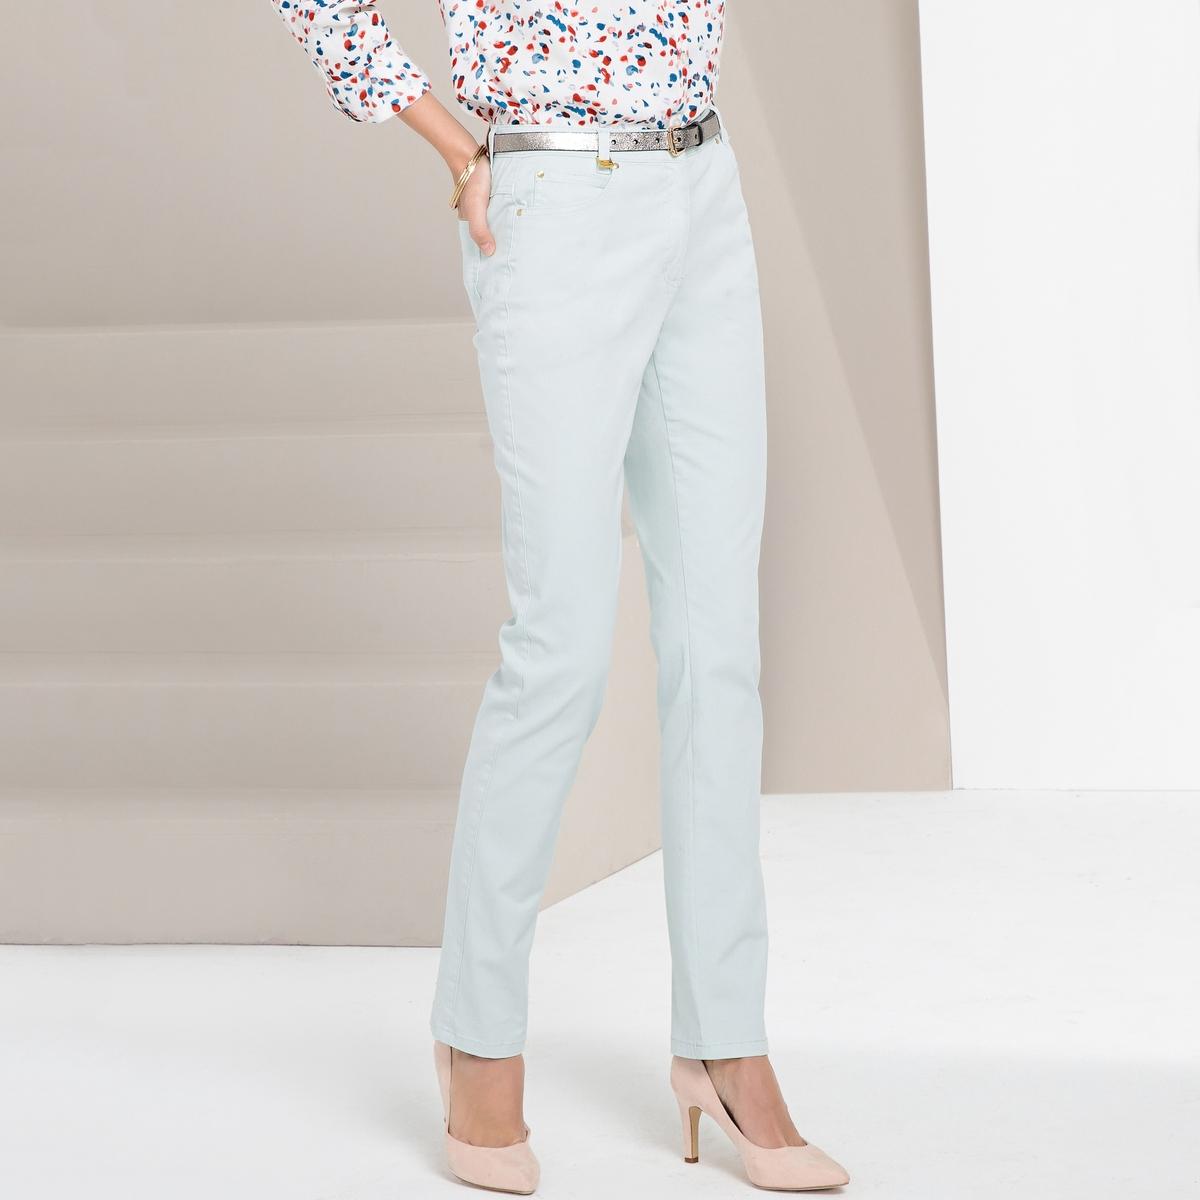 Imagen principal de producto de Pantalón recto de 5 bolsillos de algodón stretch - Anne weyburn